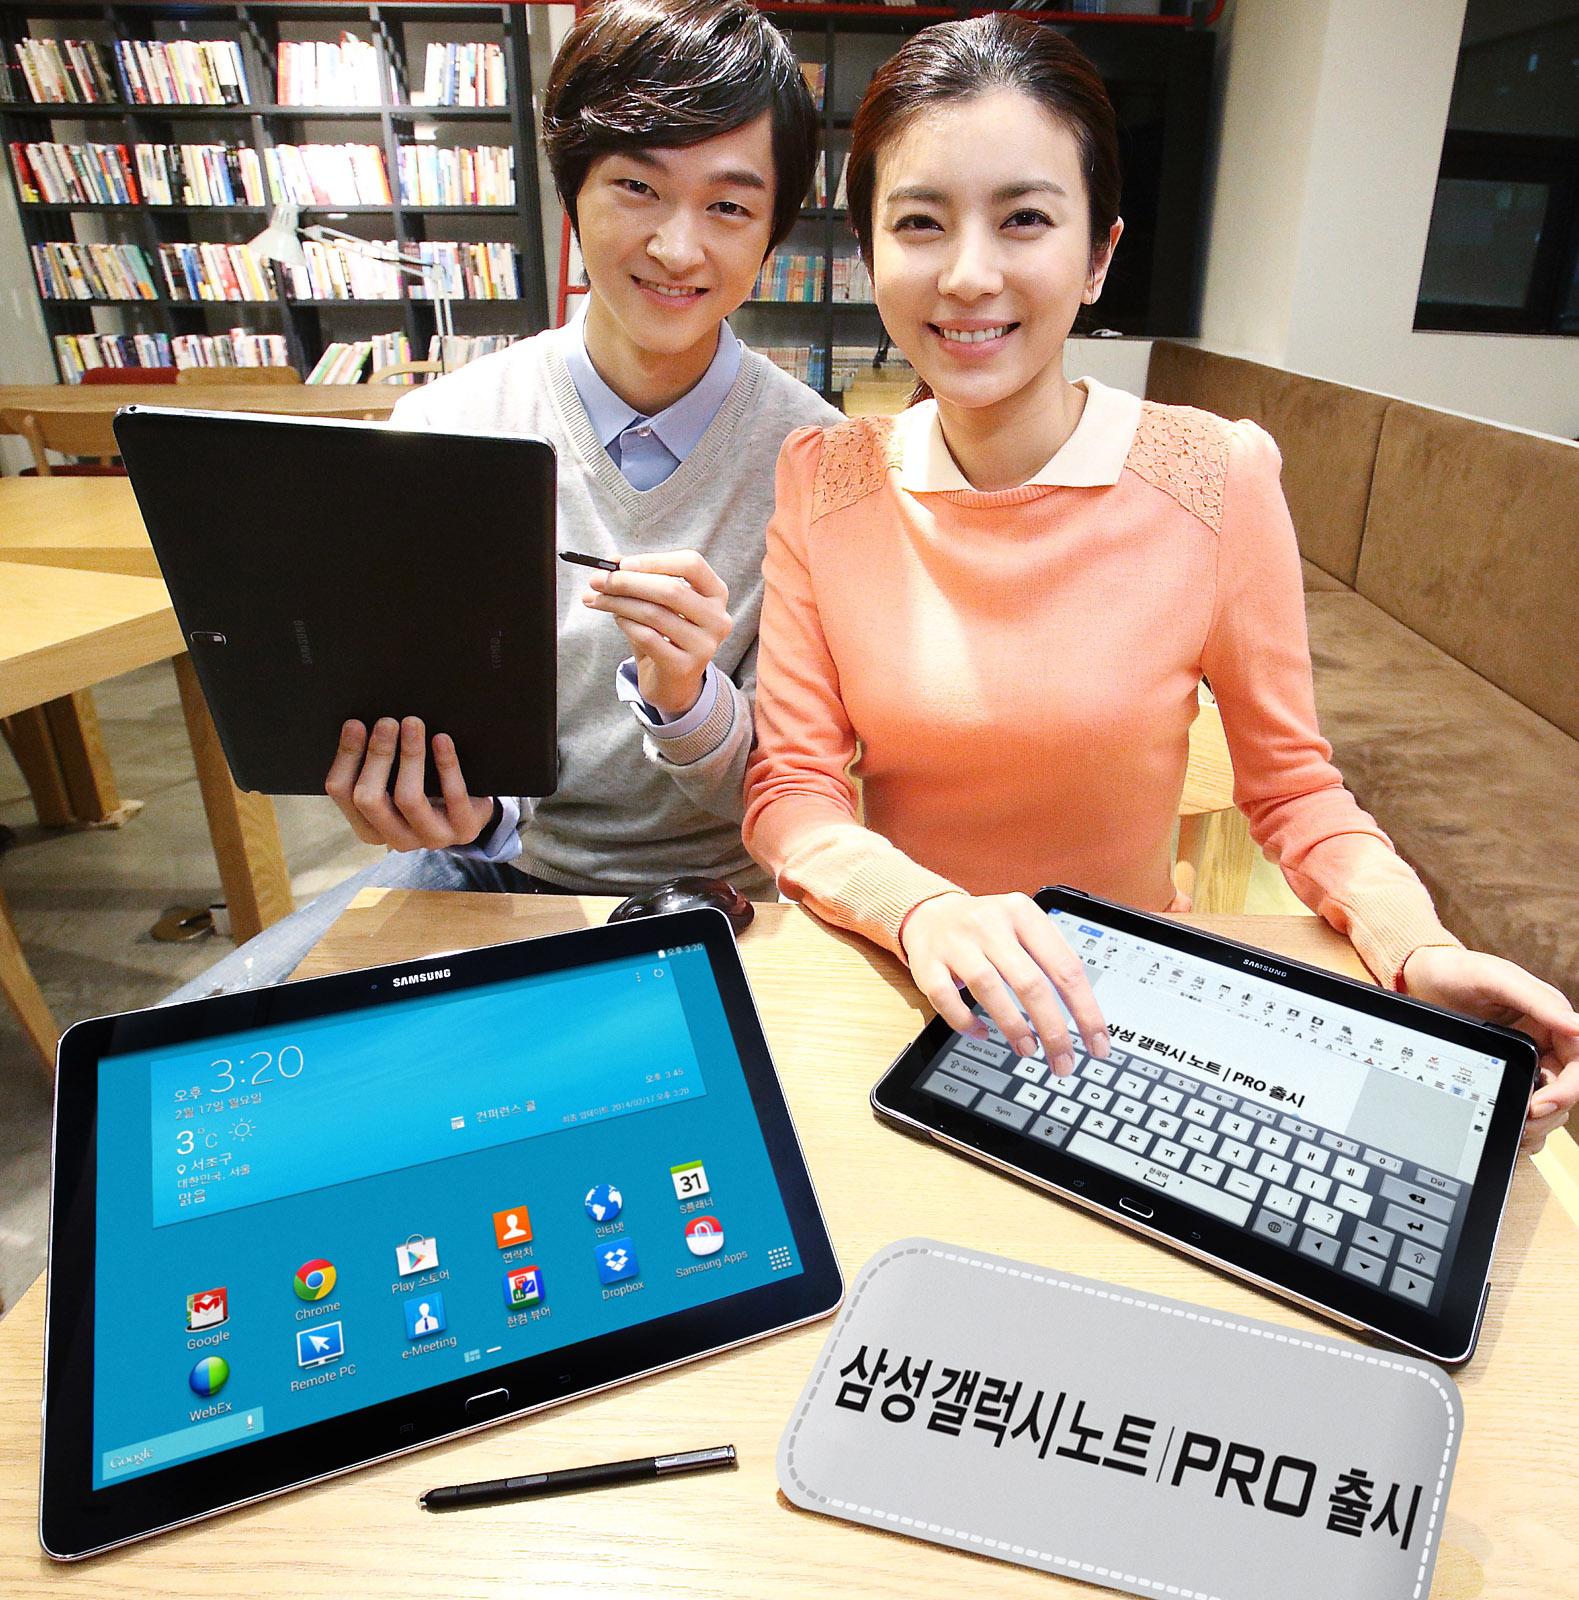 '갤럭시 노트 프로(GALAXY Note PRO)'를 국내 시장에 출시